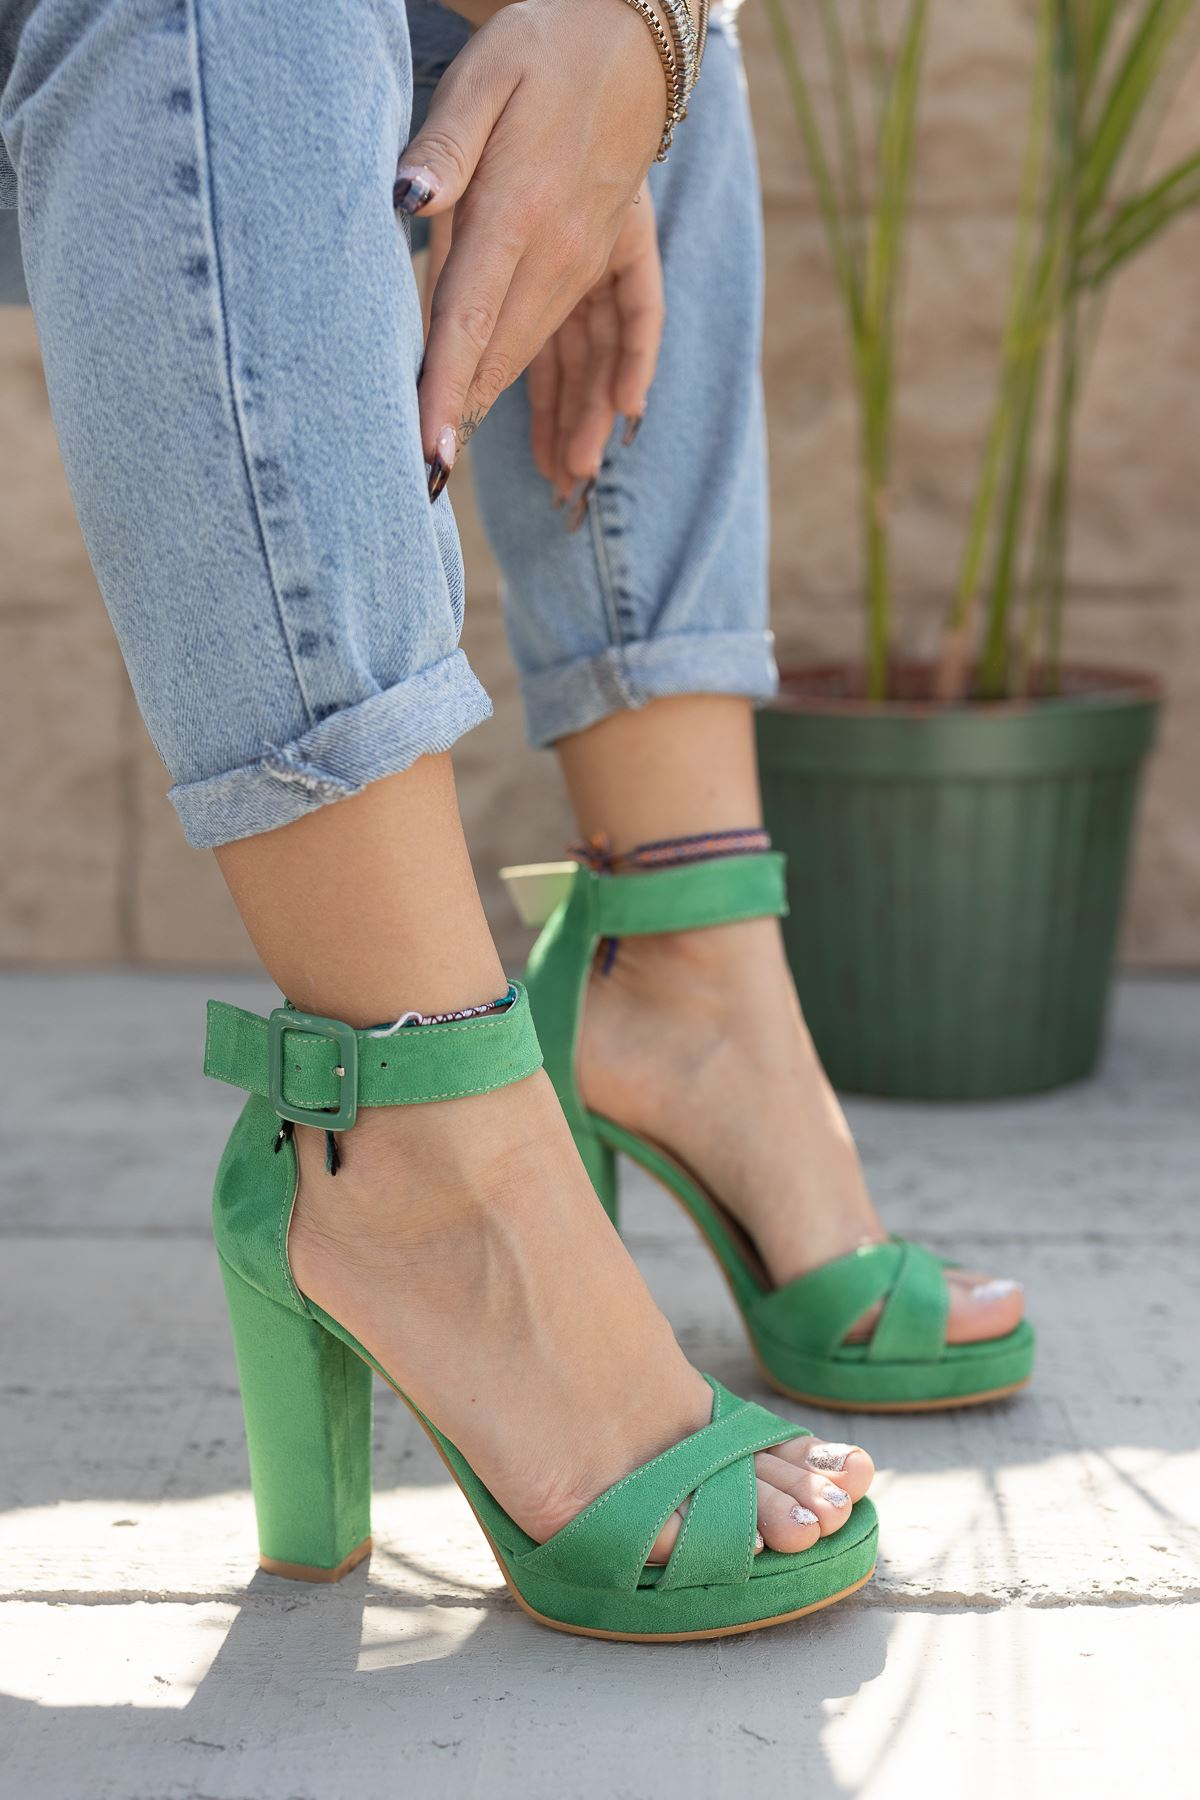 Kadın Loked Yüksek Topuklu Yeşil Süet Tek Bant Ayakkabı Çapraz Bantlı